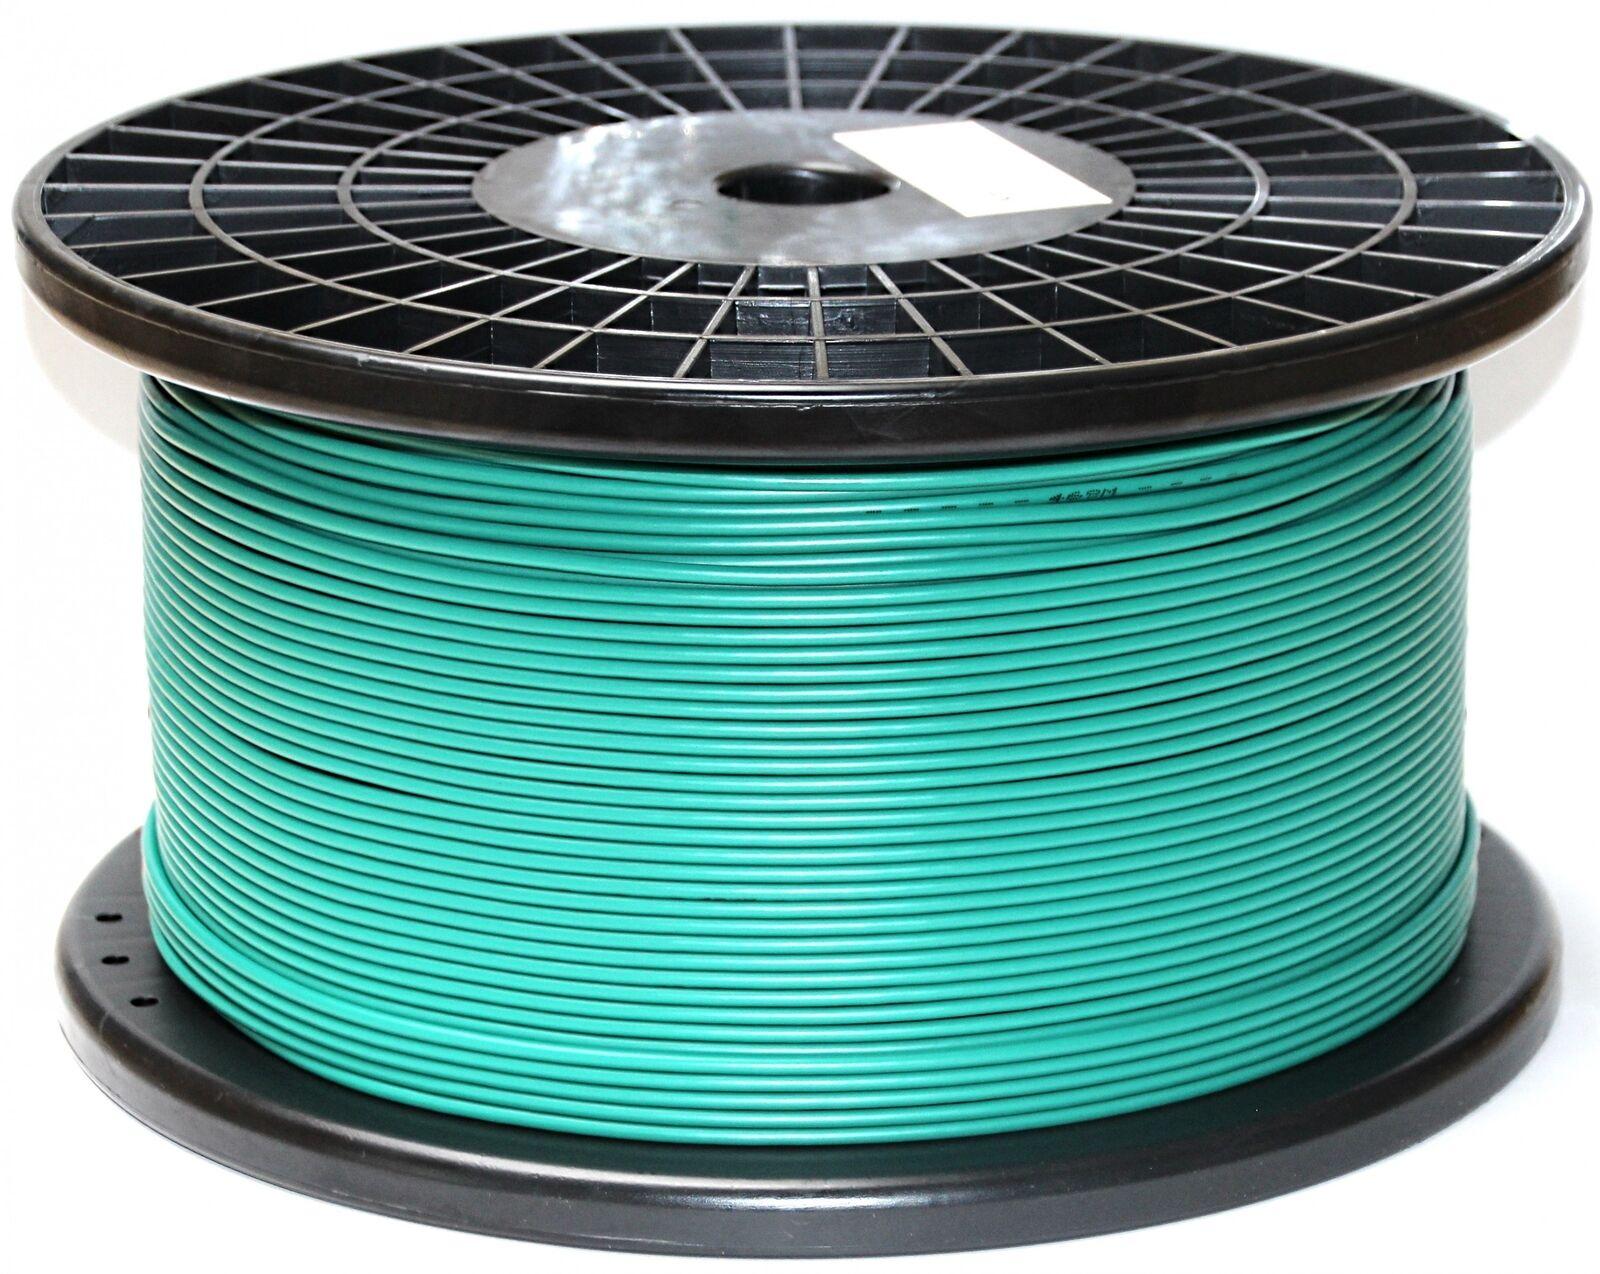 Câble de fil de borne 800m Viking iMow mi 632 c p PC limite Wire Ø2,7mm